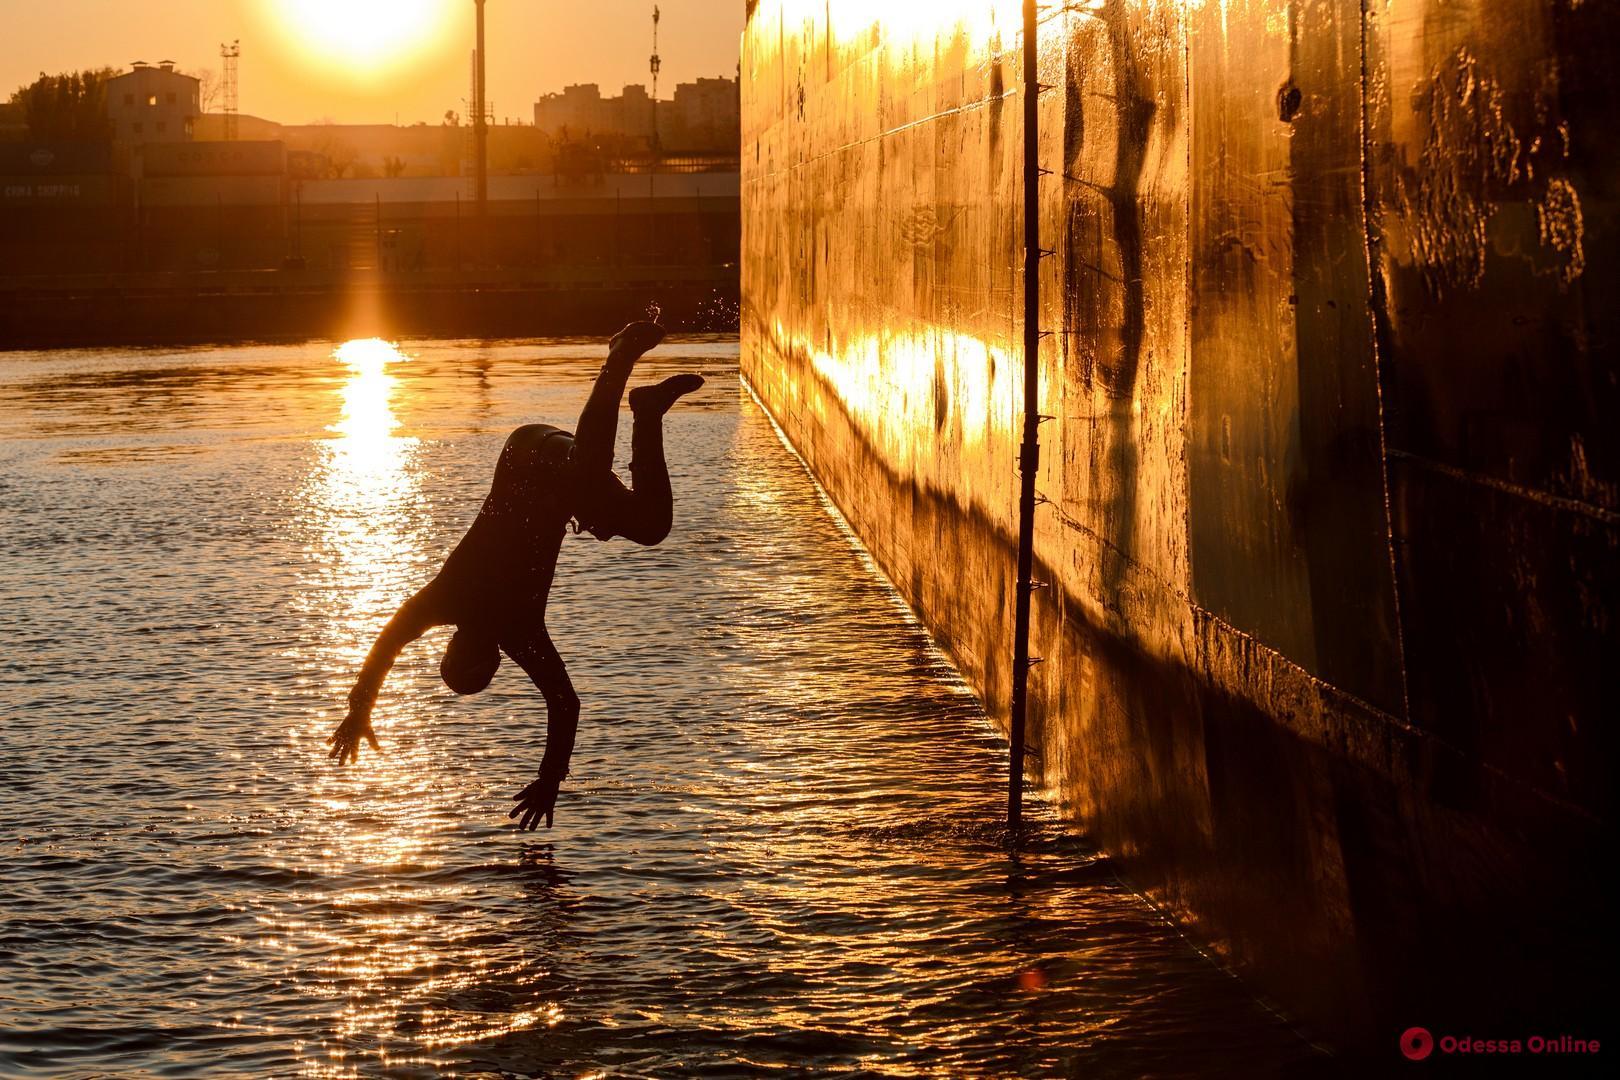 Хотел получить страховку: в Одессе индийский моряк прыгнул с судна в воду